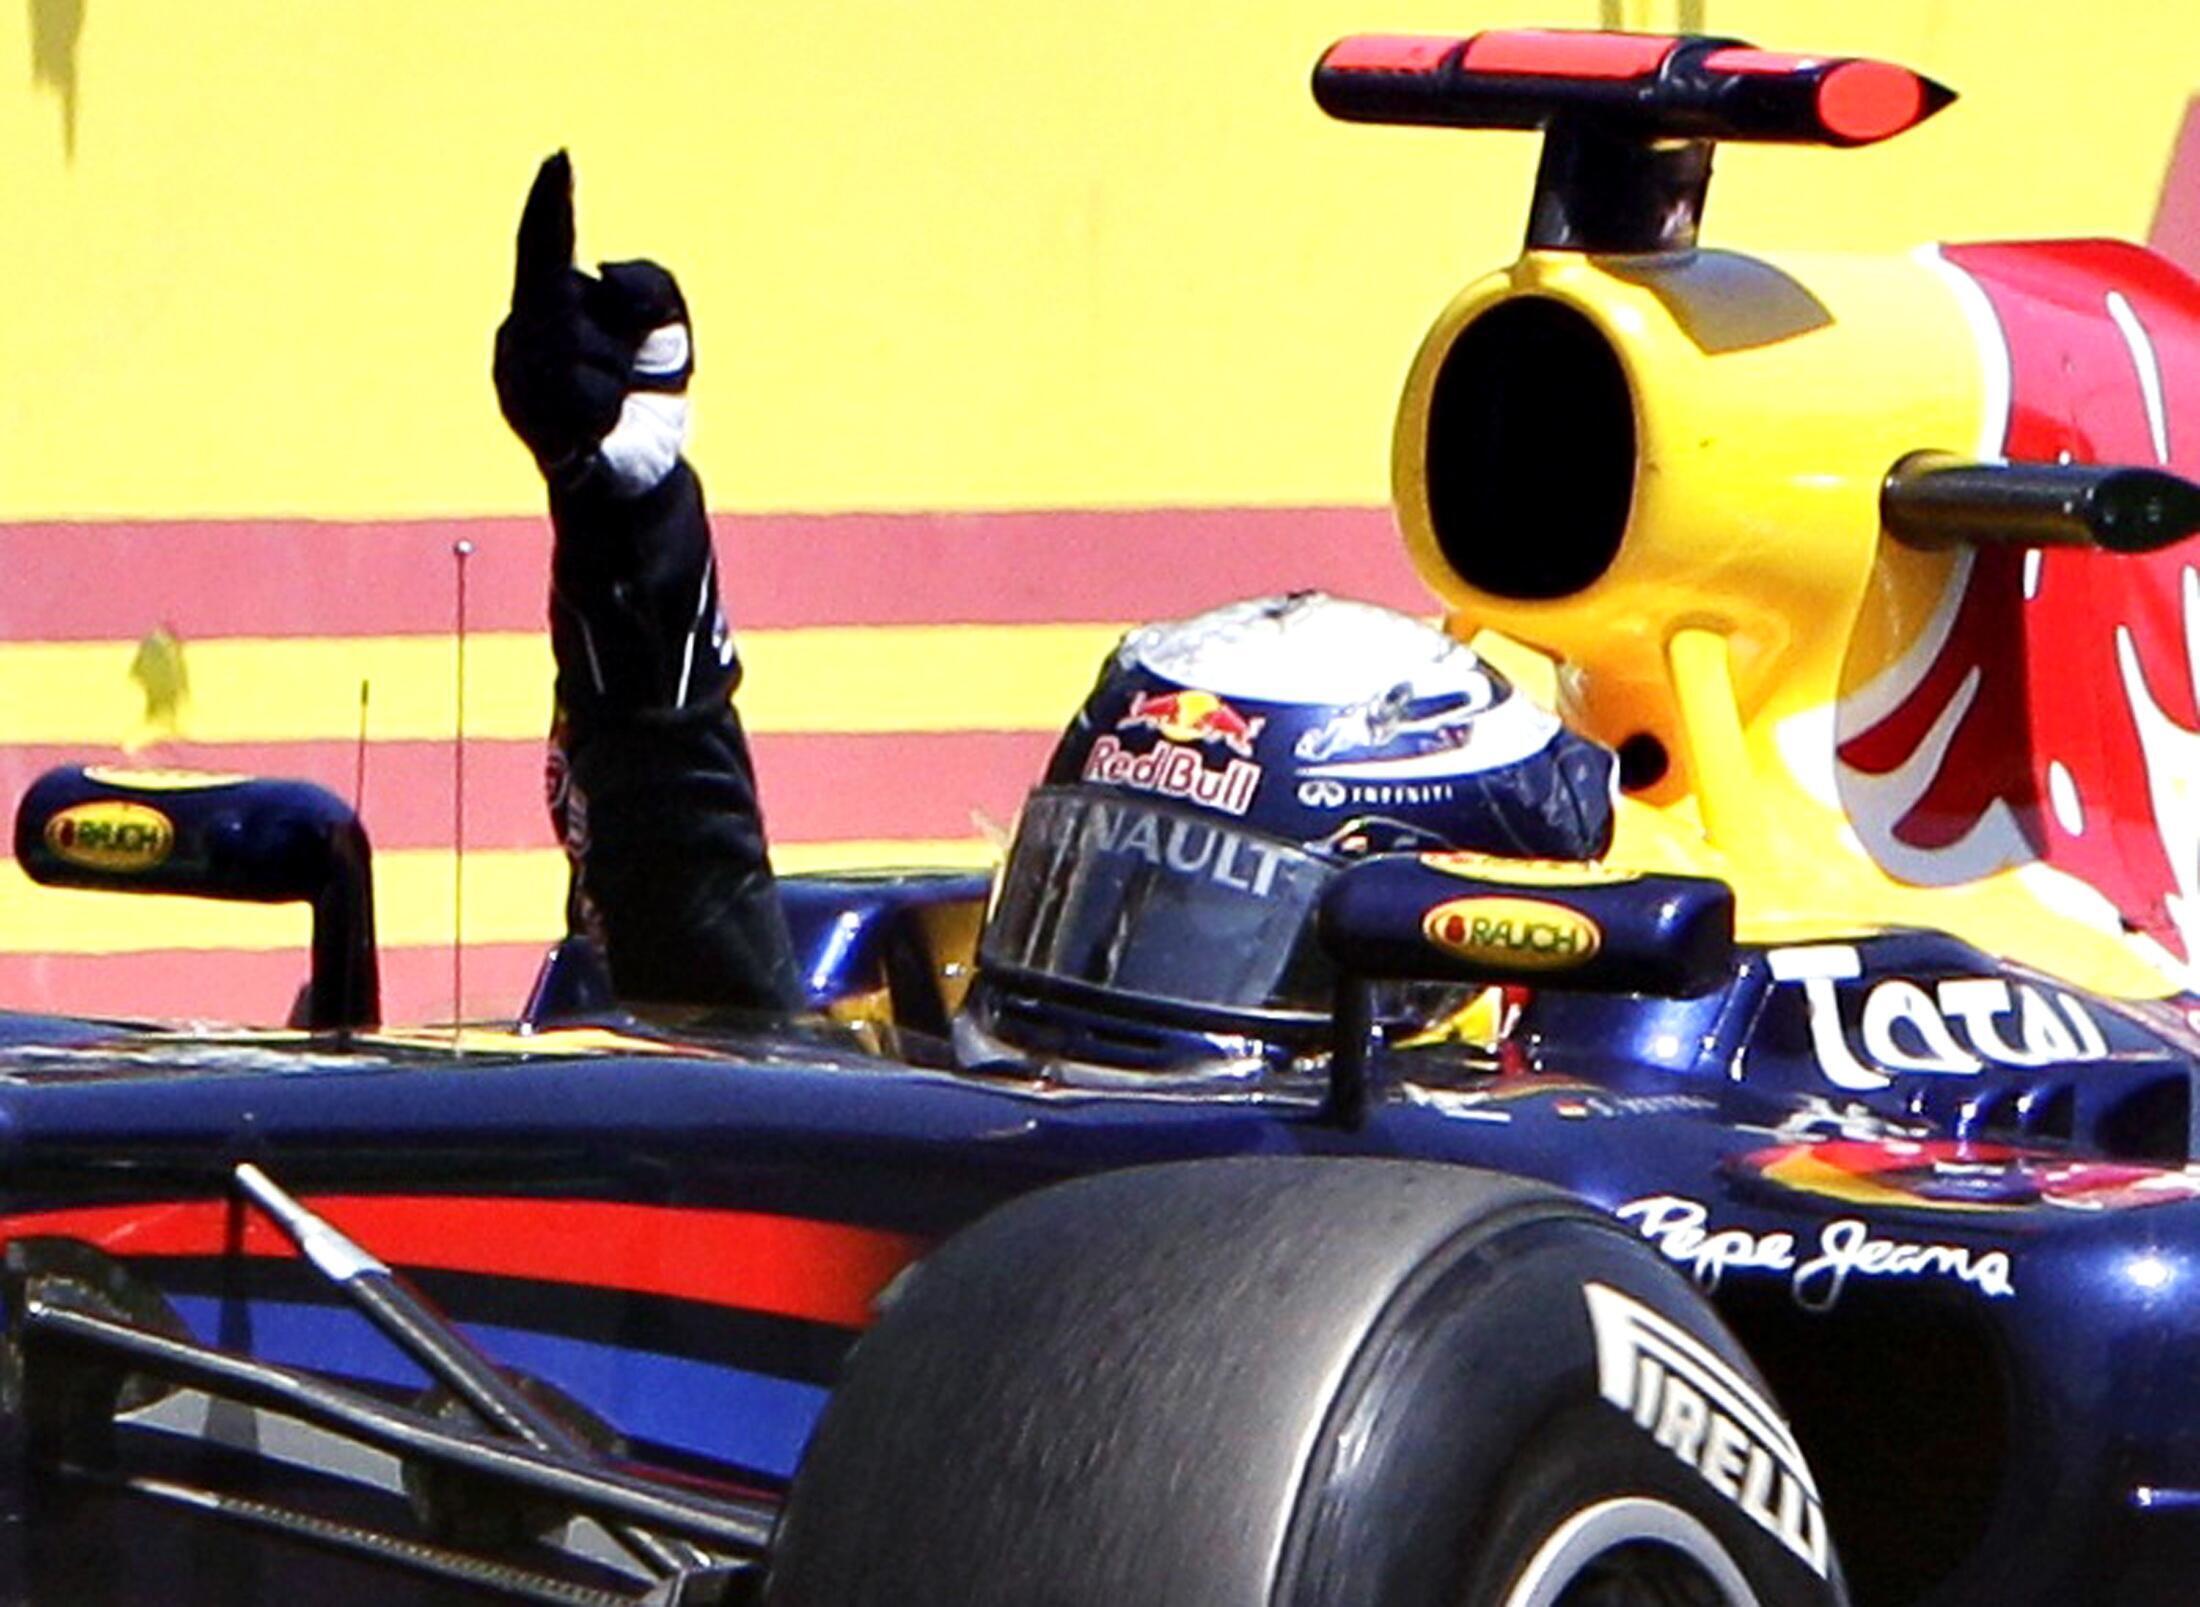 Sebastian Vettel akishangilia moja ya ushindi wake